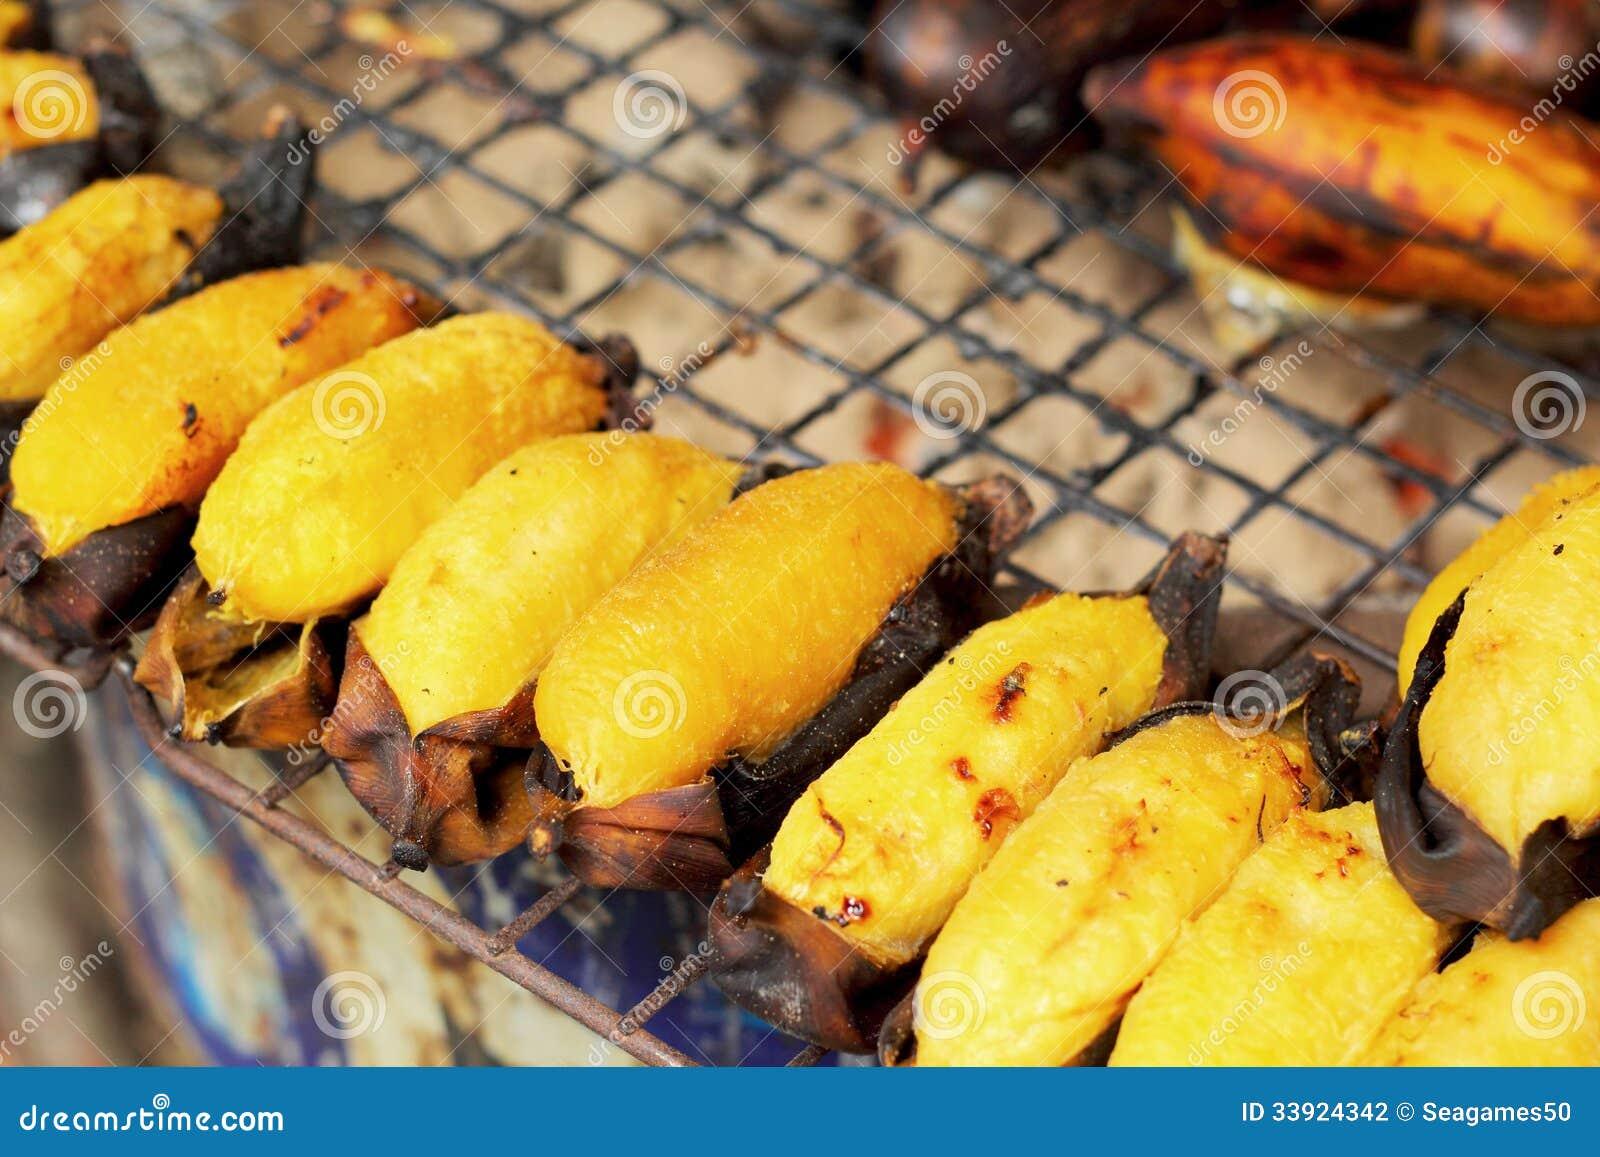 Faites la banane cuire au four tha lande douce photographie stock image 33924342 - Cuire marron au four ...